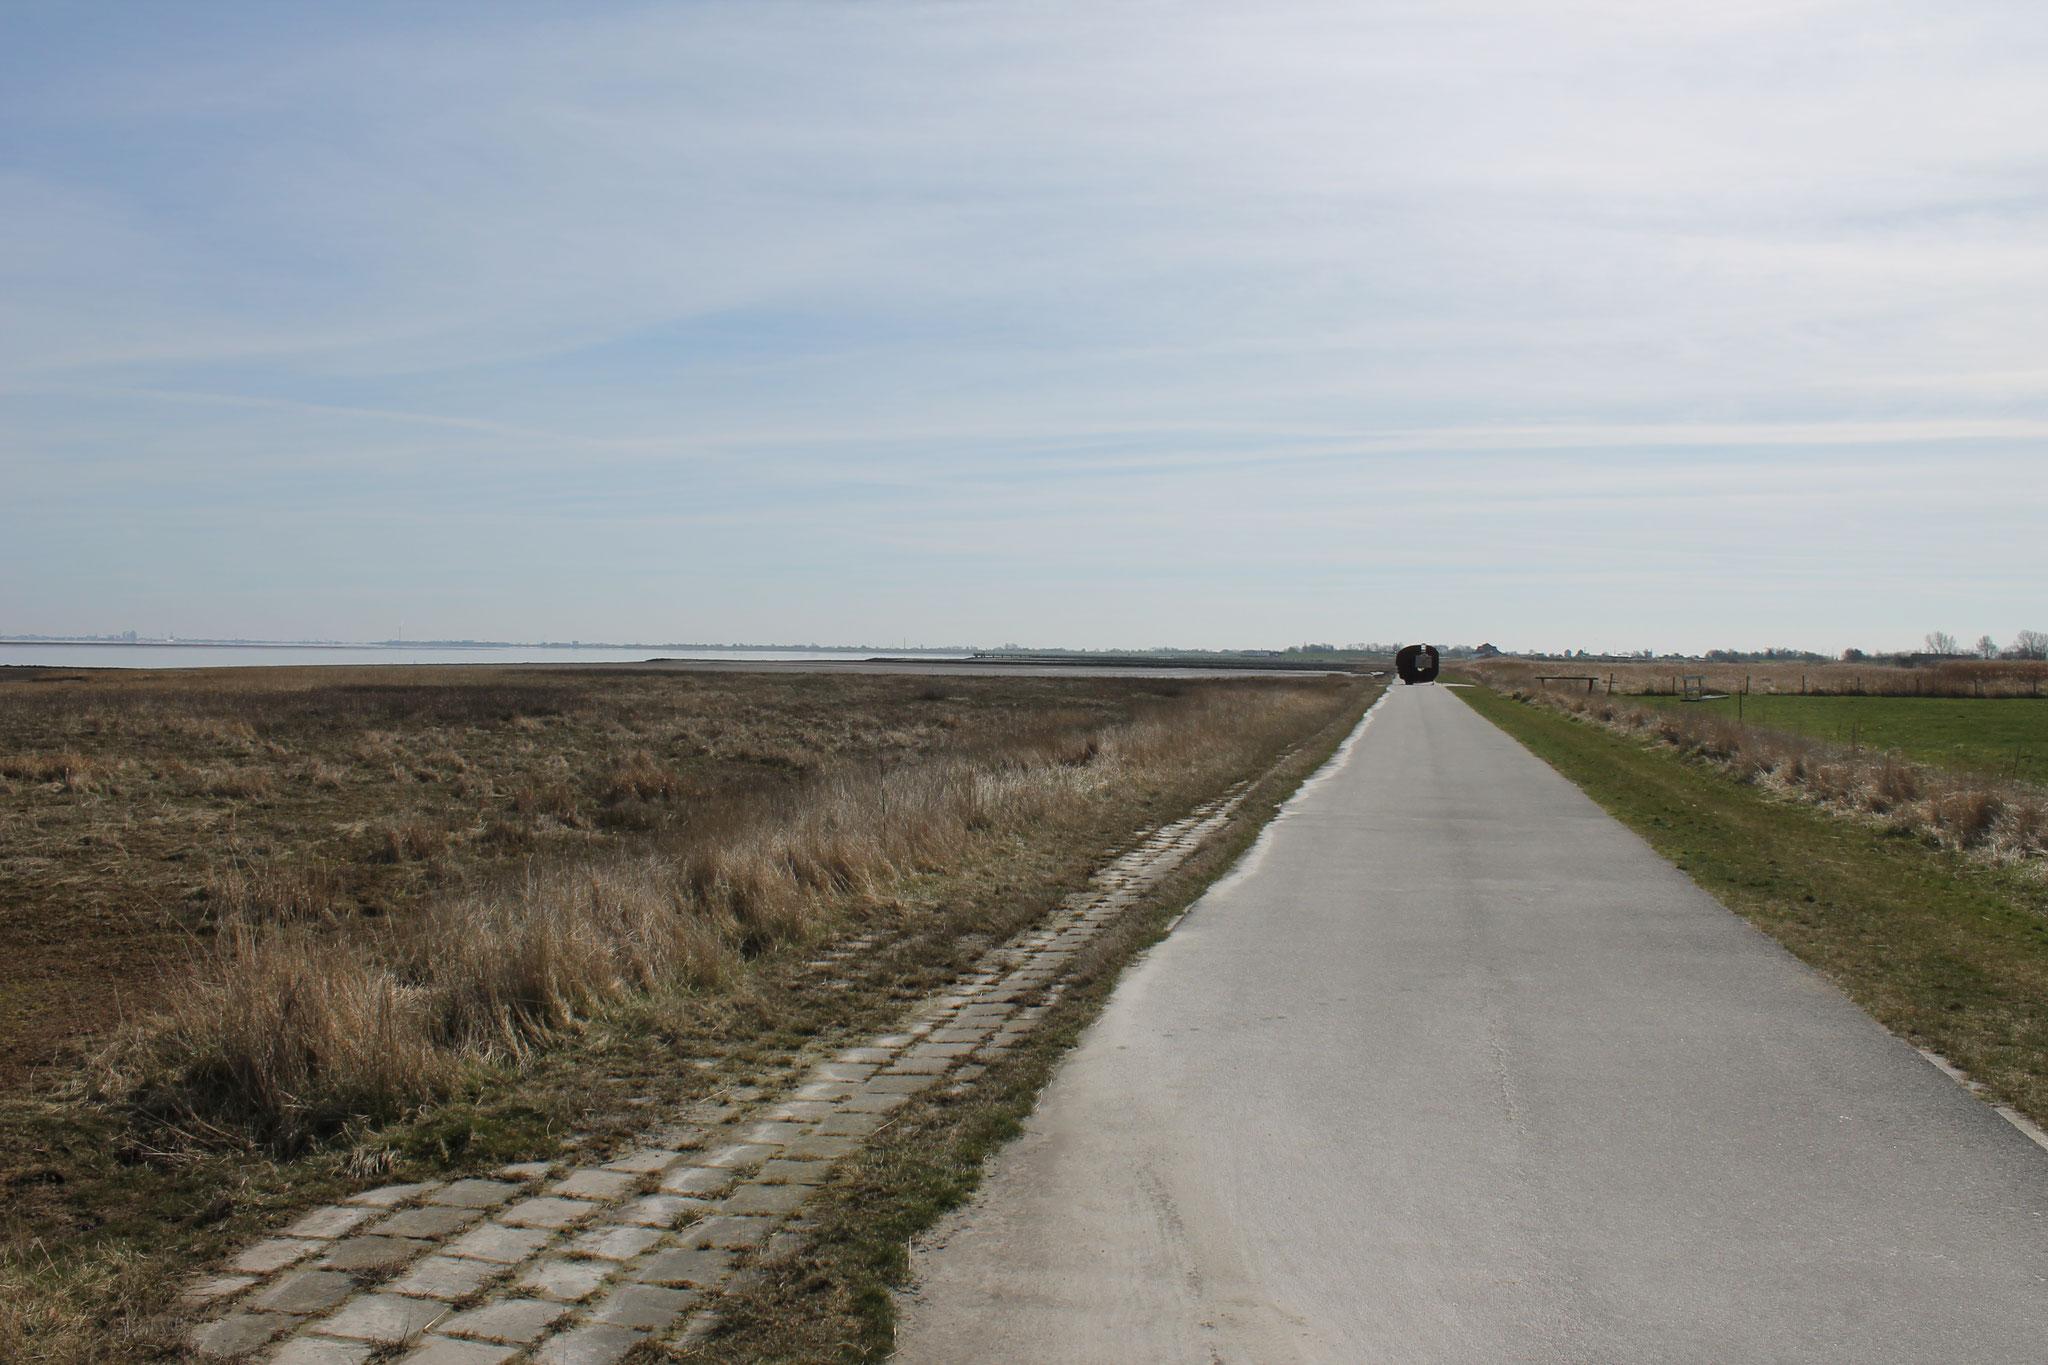 Weg an der Nordsee Richtung Burhave